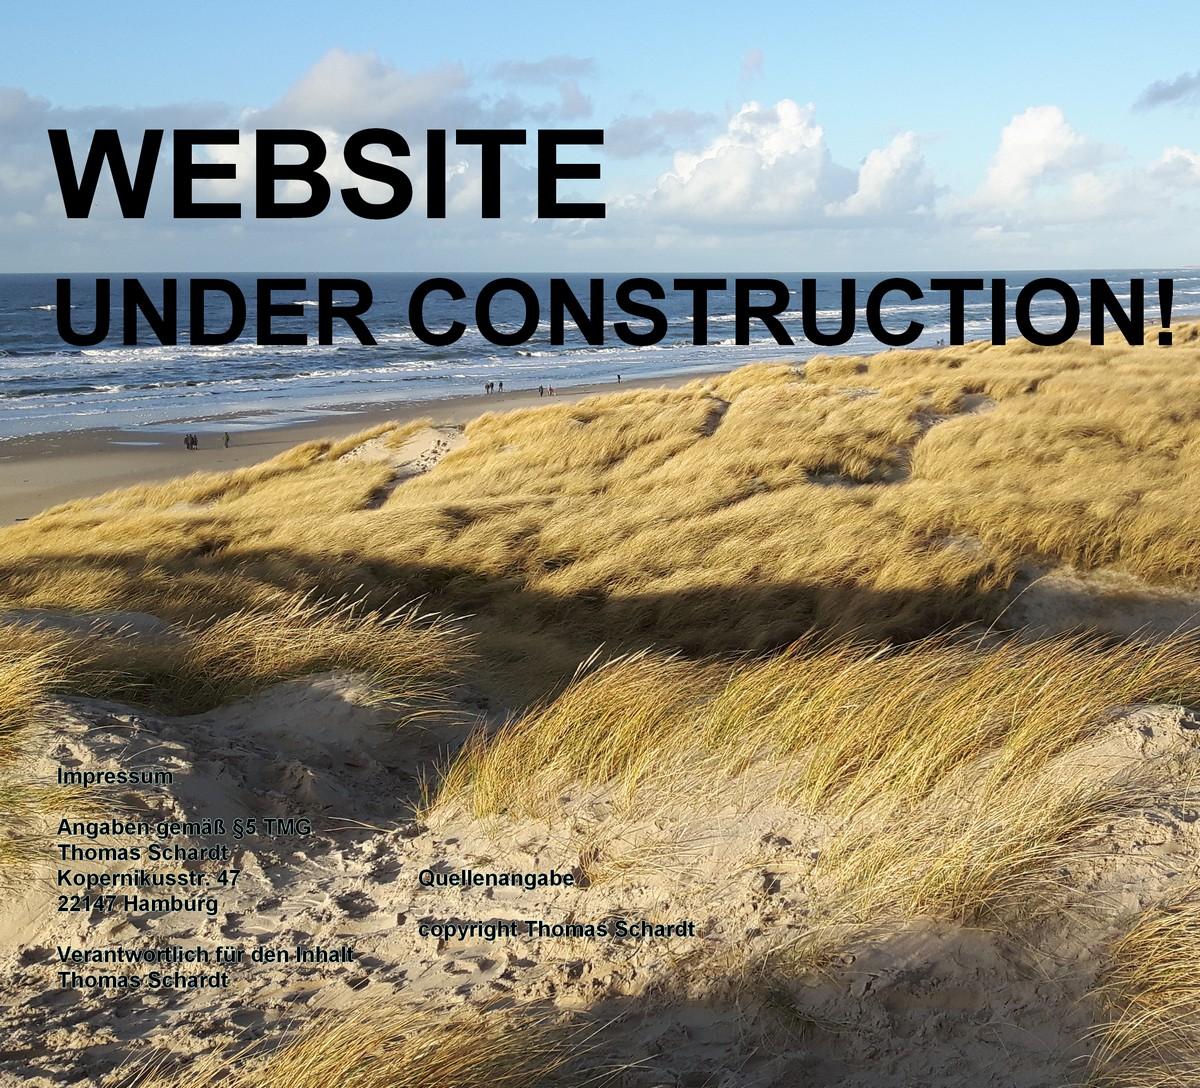 UNDER CONSTRUCTION / Seite wird bearbeitet / mail: thomas@familie-schardt.de